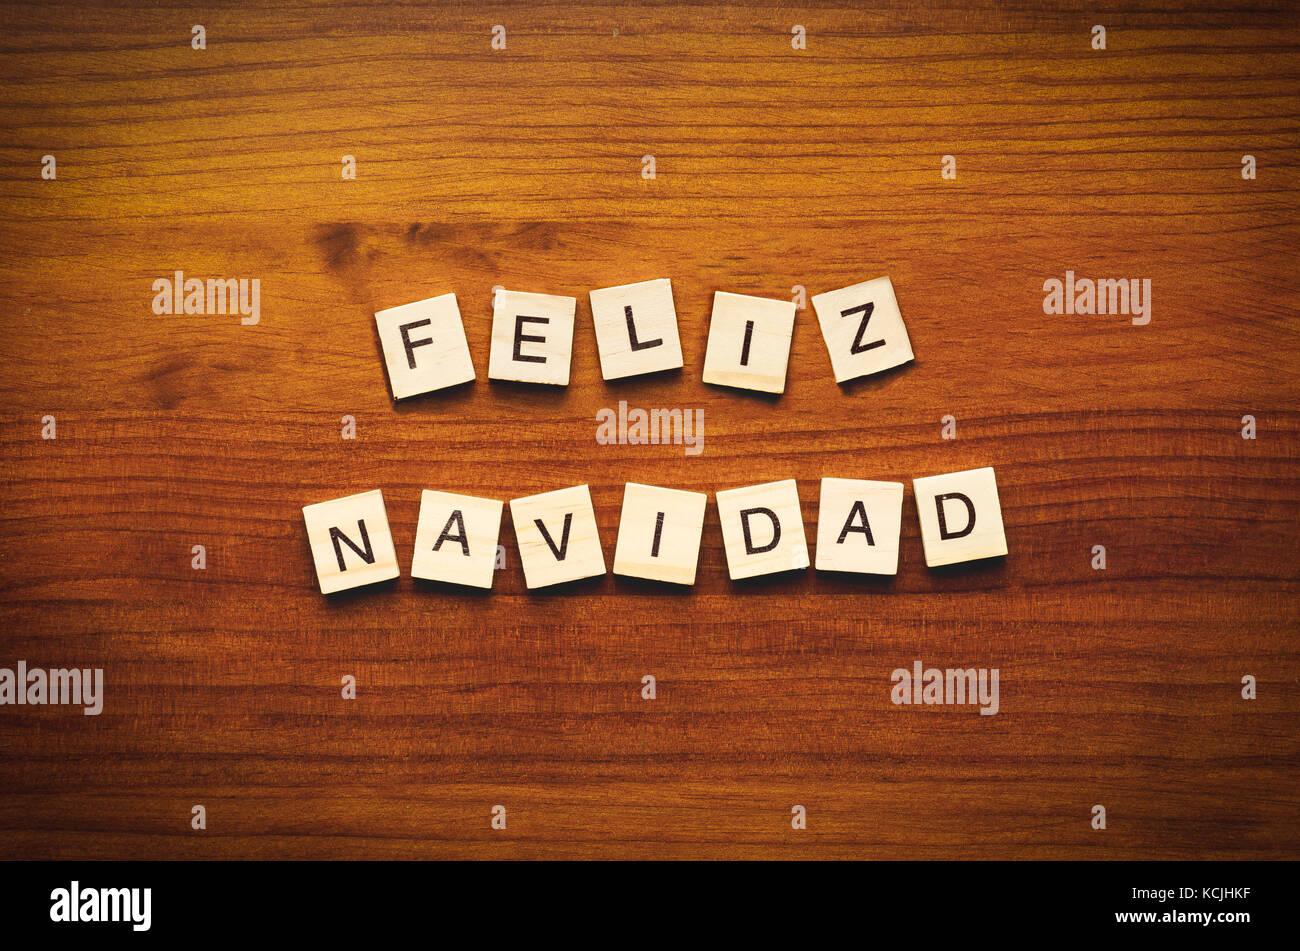 Feliz navidad texto sobre un fondo de madera Imagen De Stock